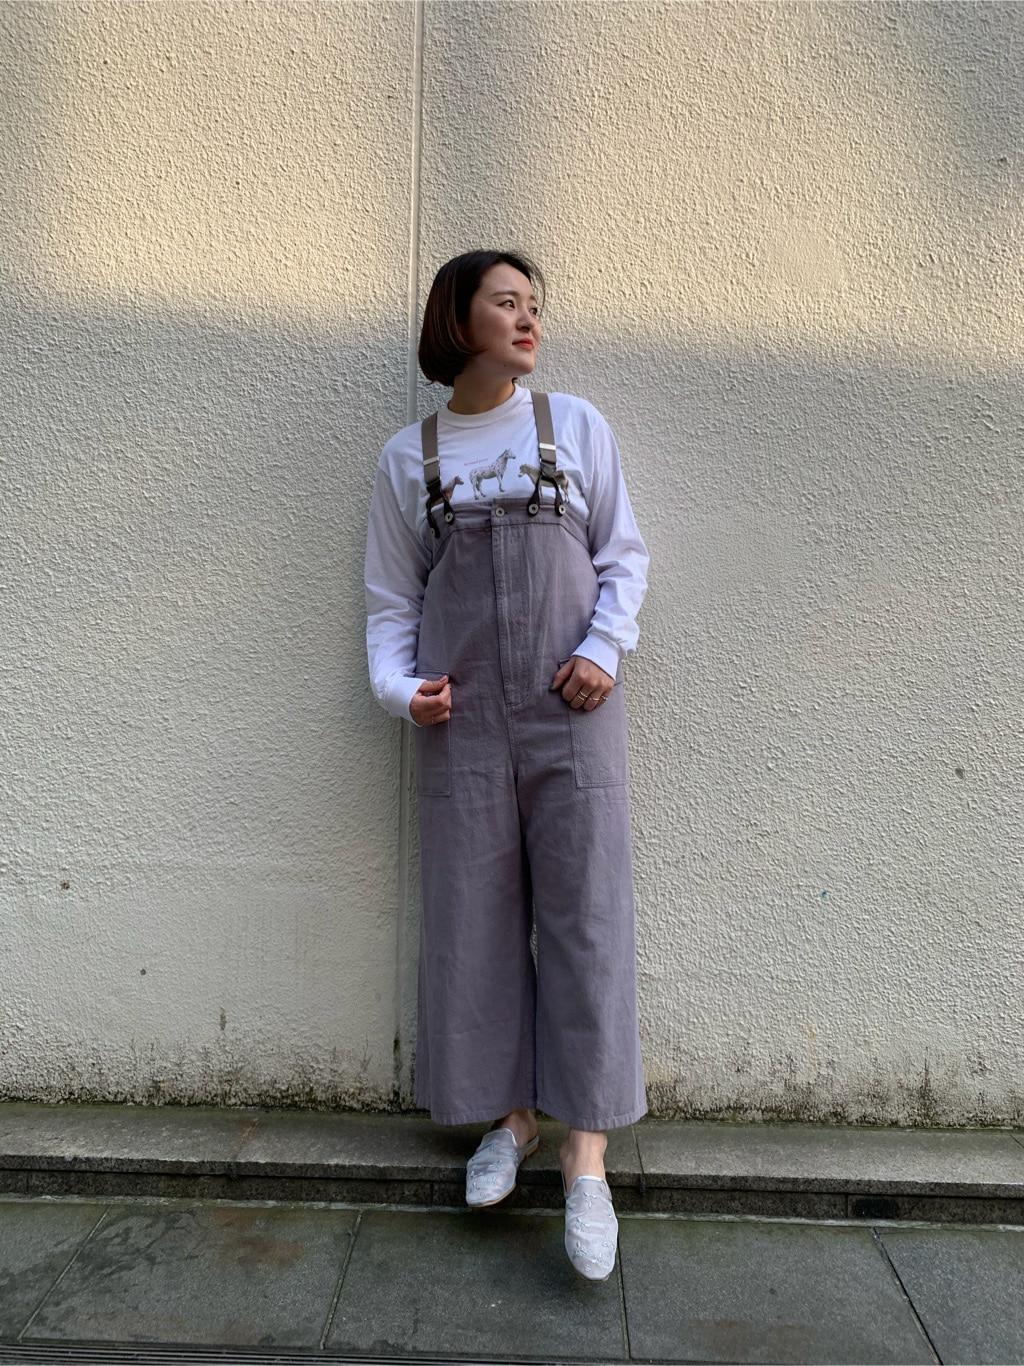 広島パルコ 2020.03.28